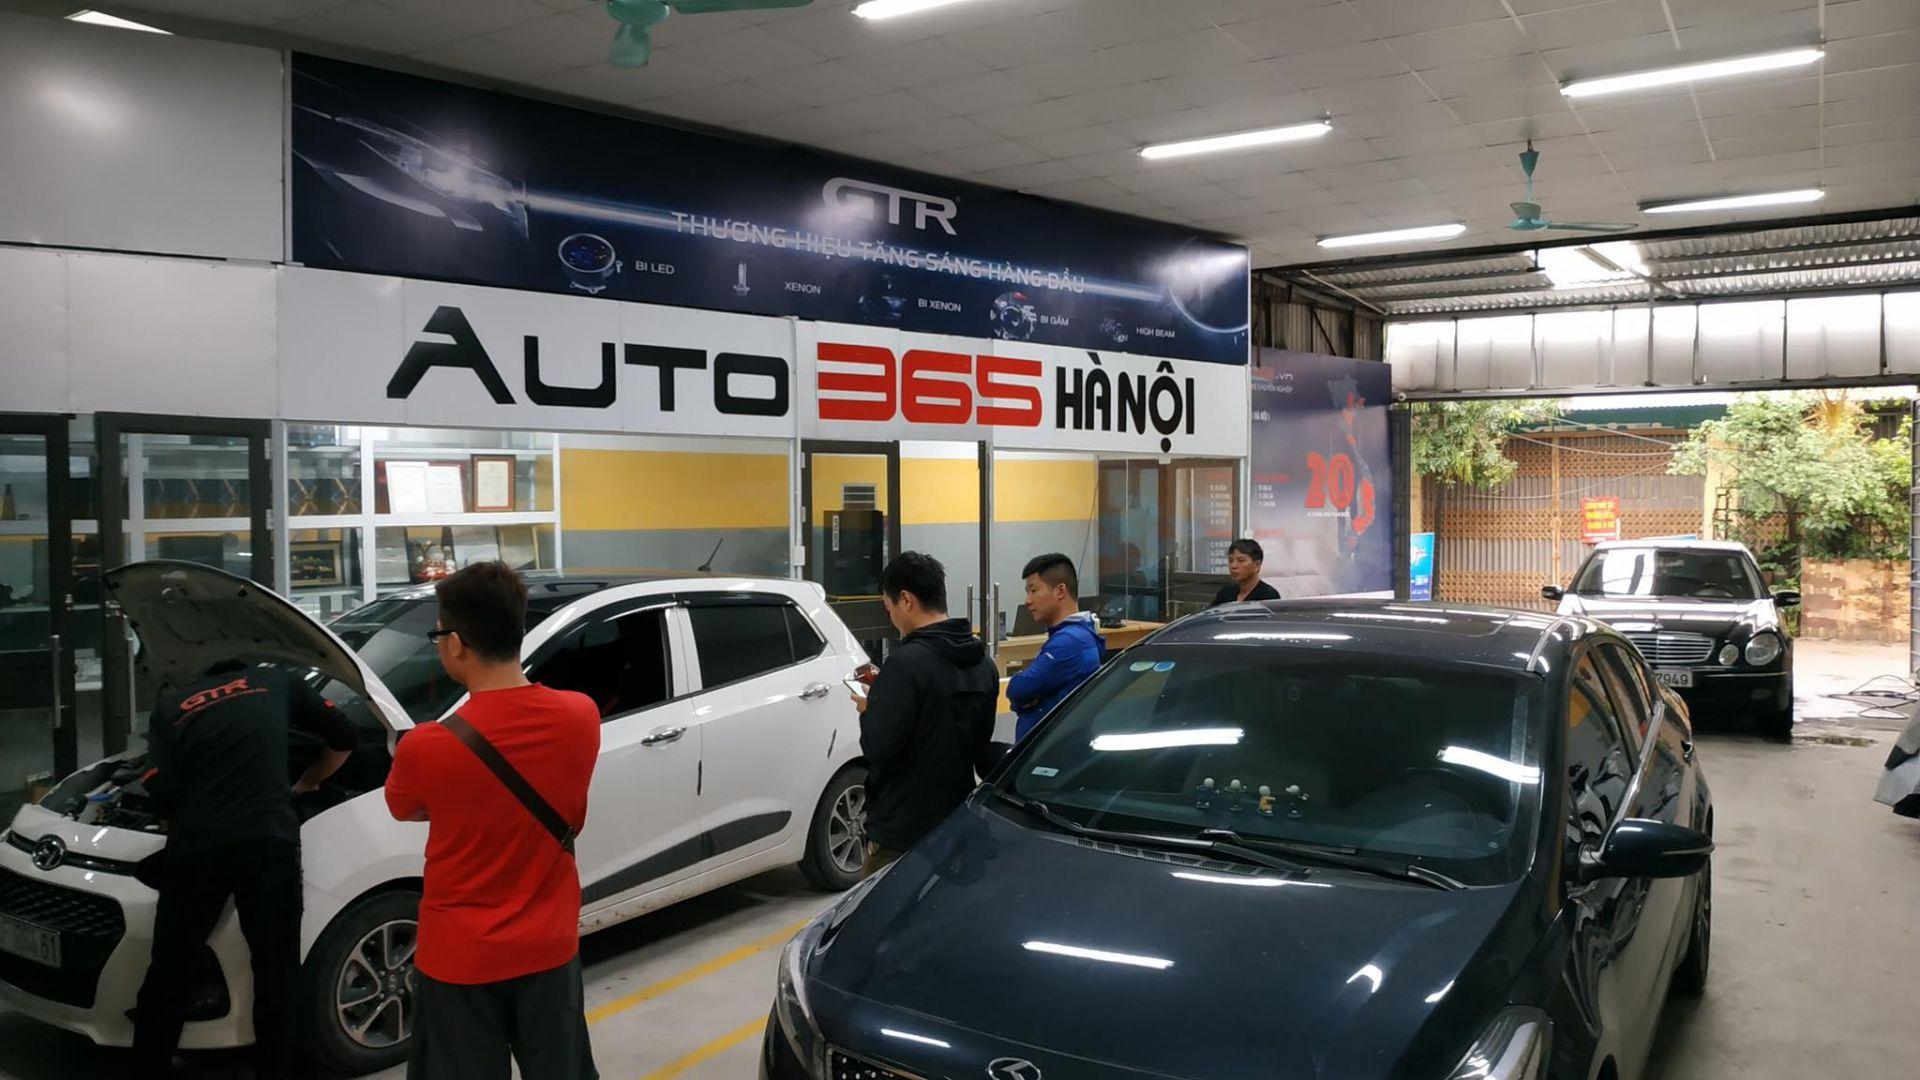 Auto365 Hà Nội - Hệ thống đại lý GTR Việt Nam